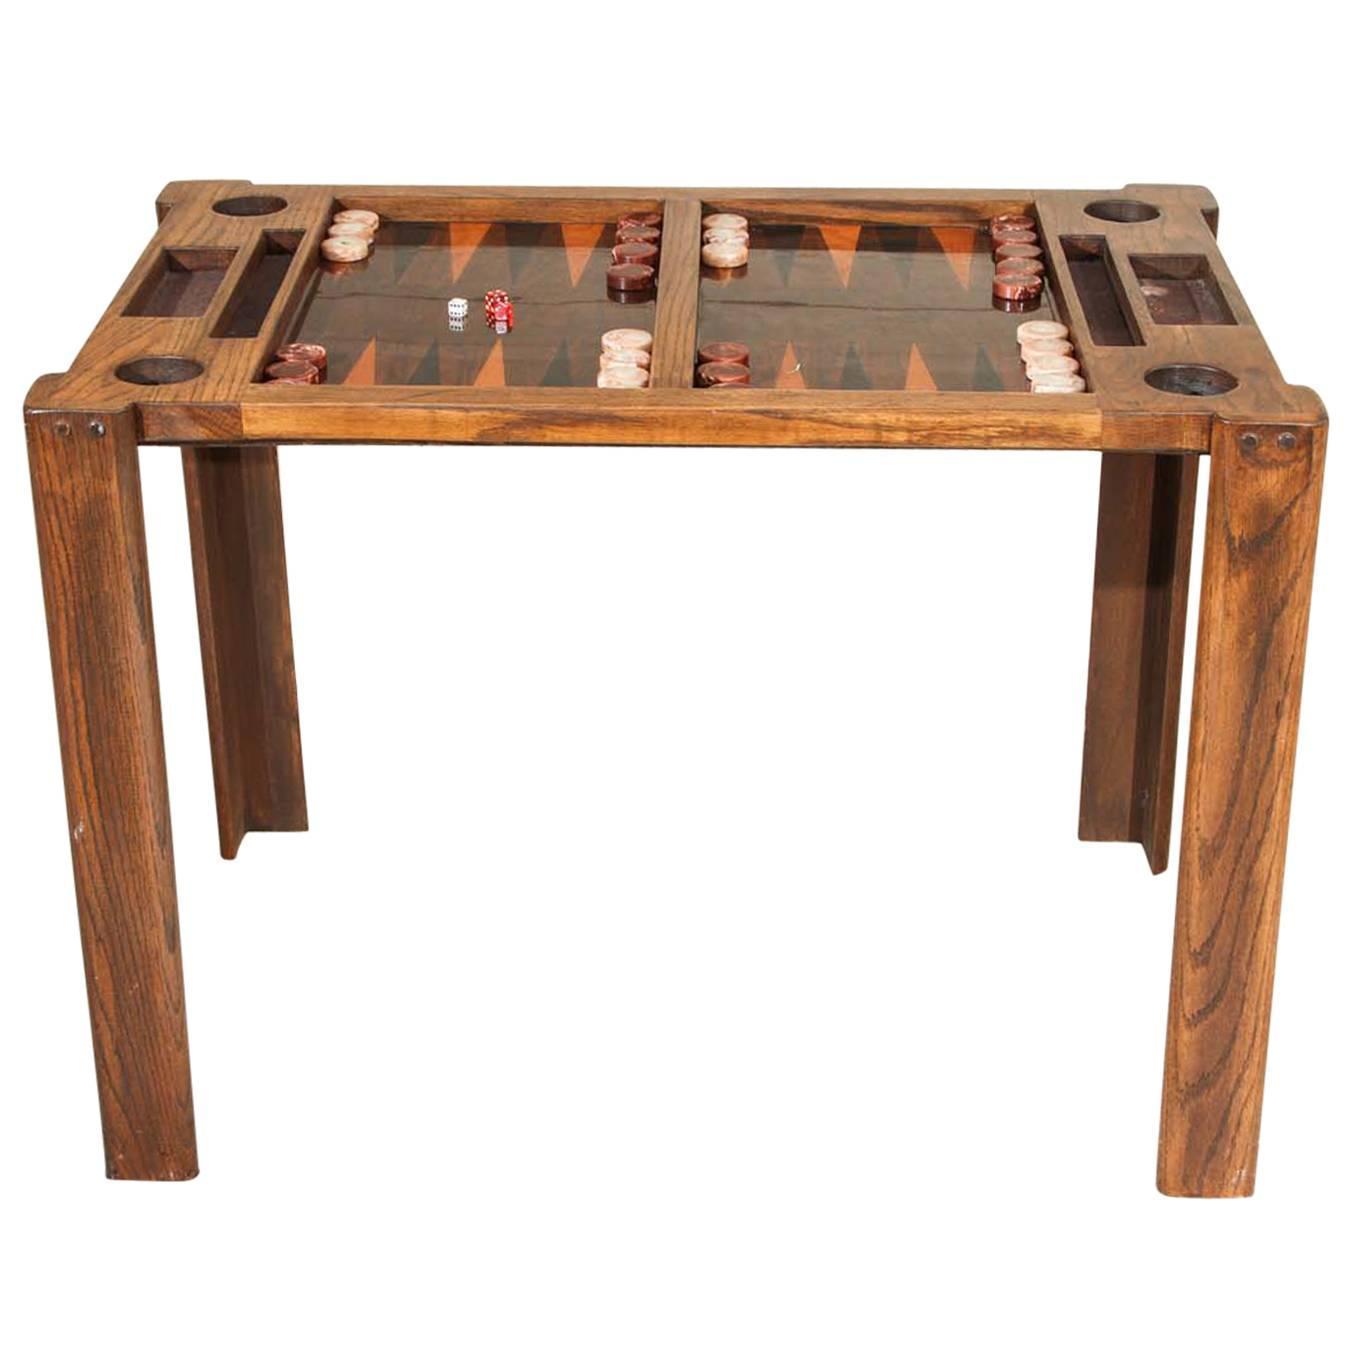 vintage backgammon game table at 1stdibs. Black Bedroom Furniture Sets. Home Design Ideas